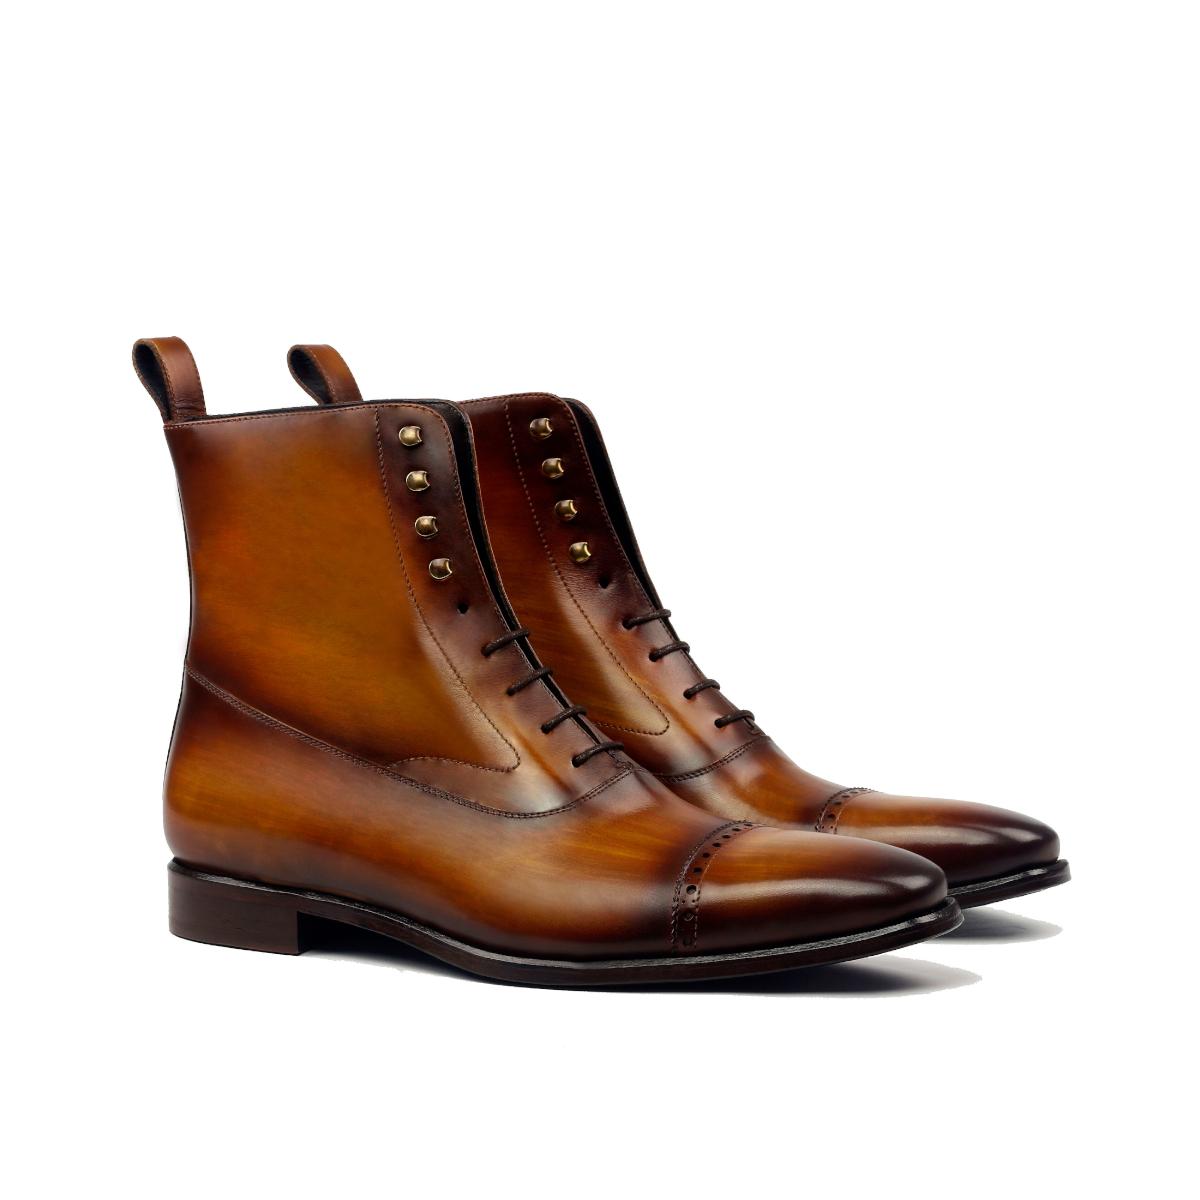 Cognac crust patina Balmoral boot